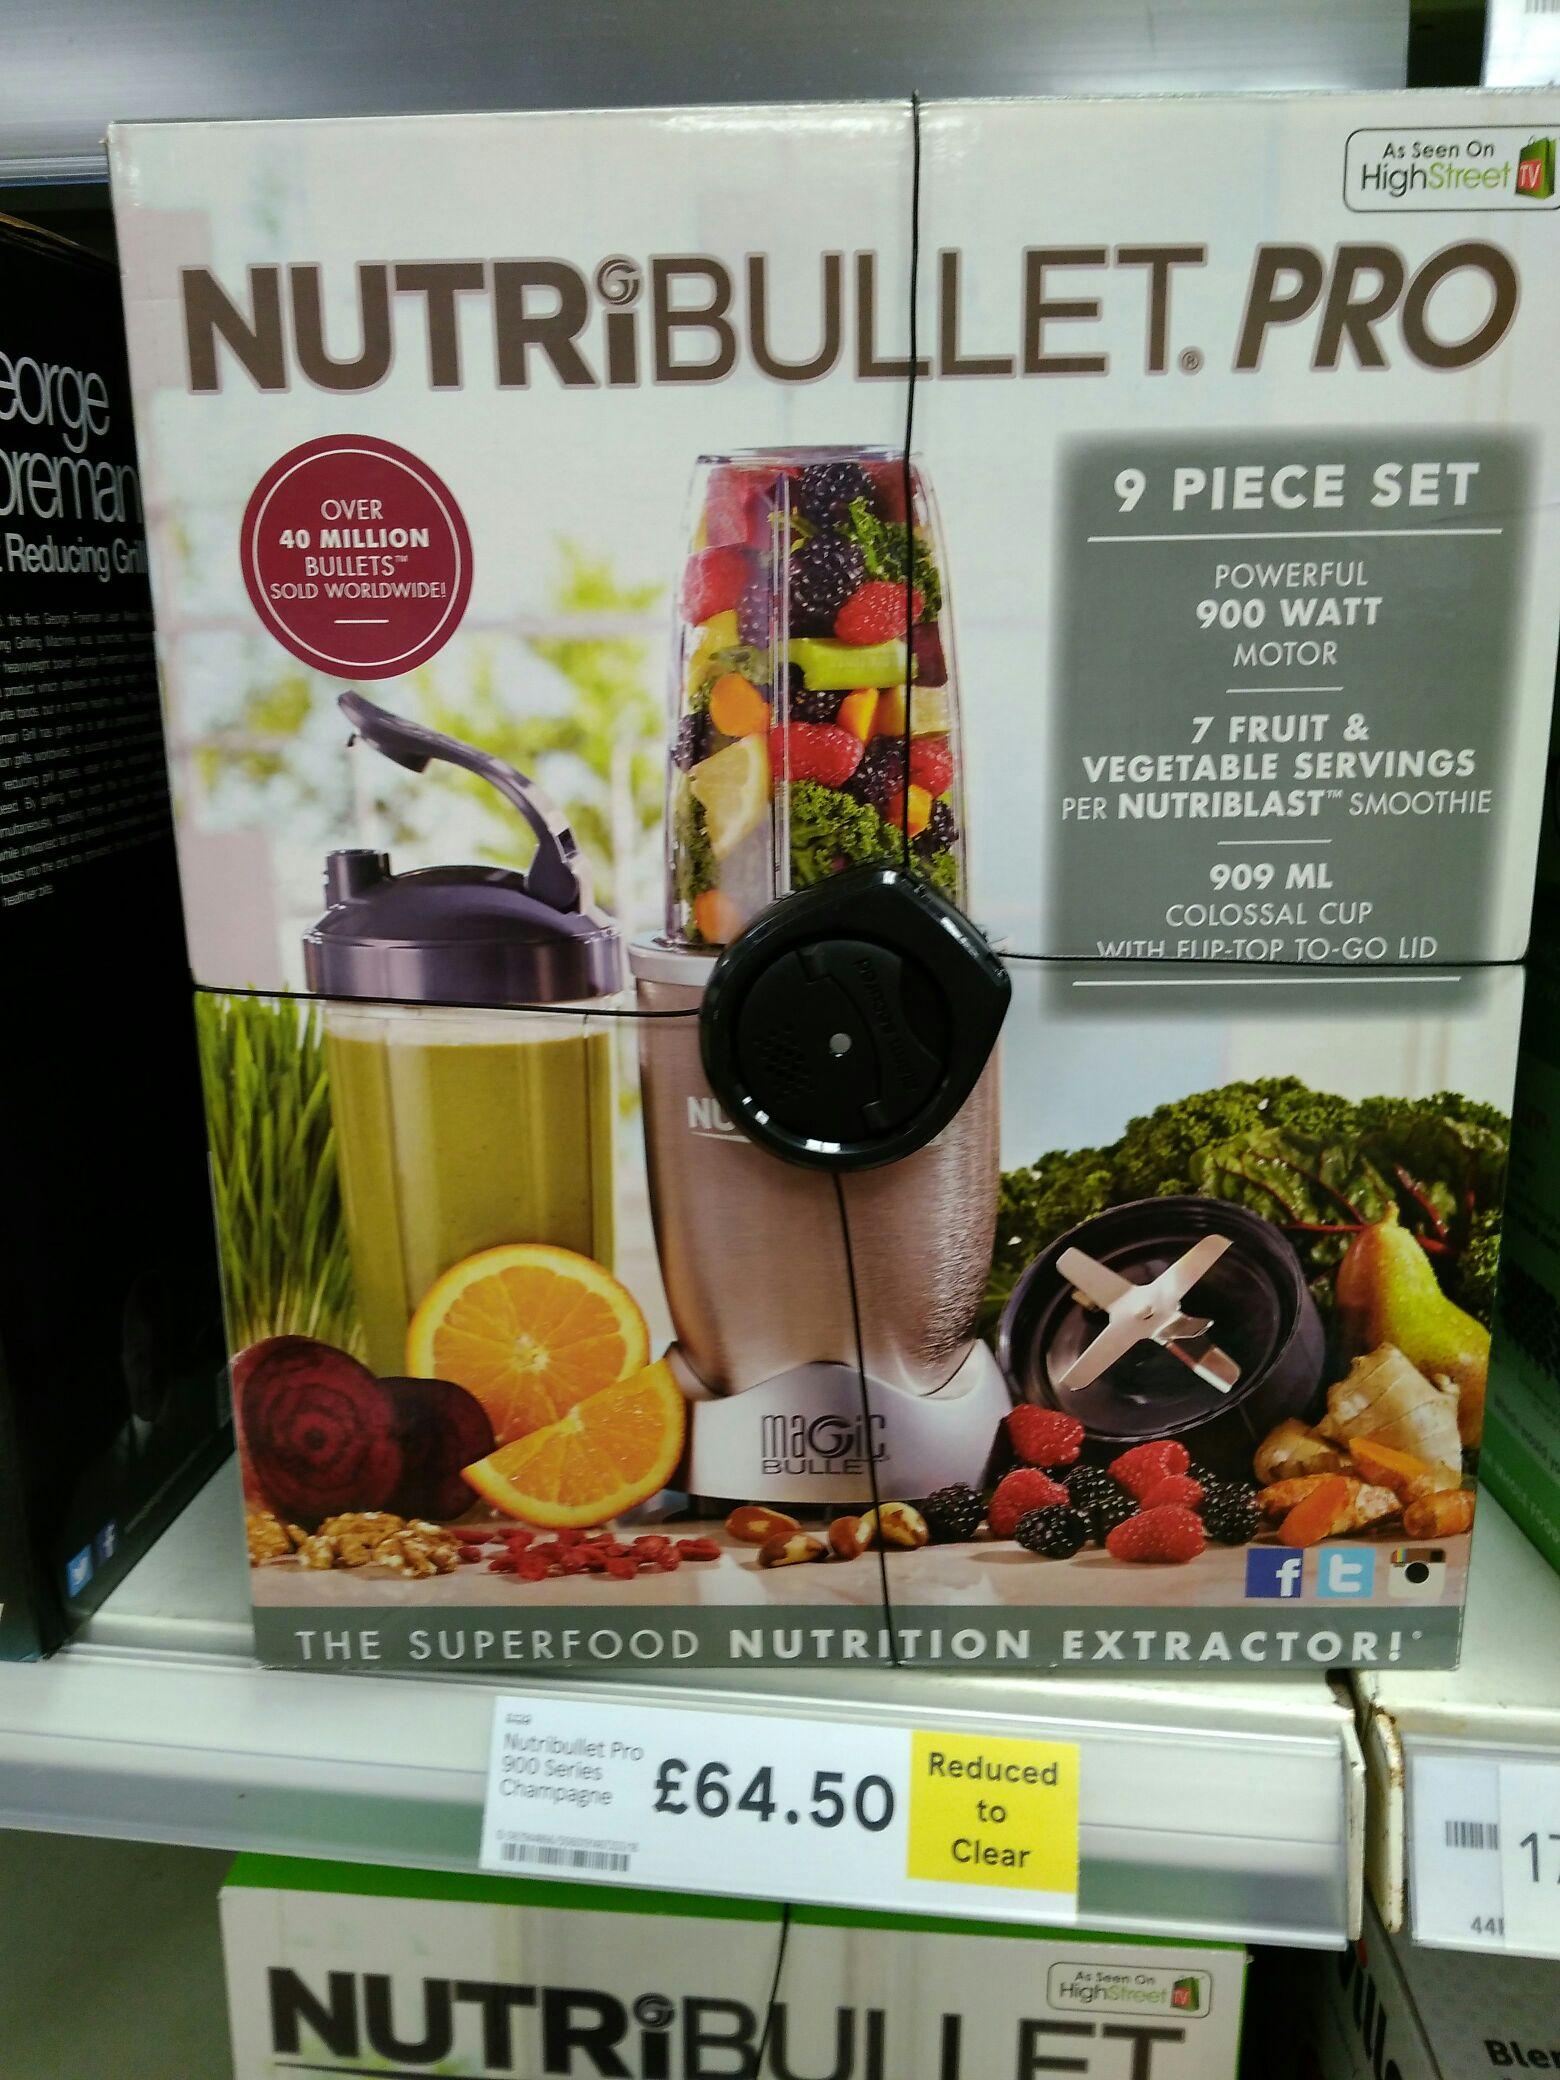 Nutribullet Pro 900 series RTC £64.50 Tesco instore